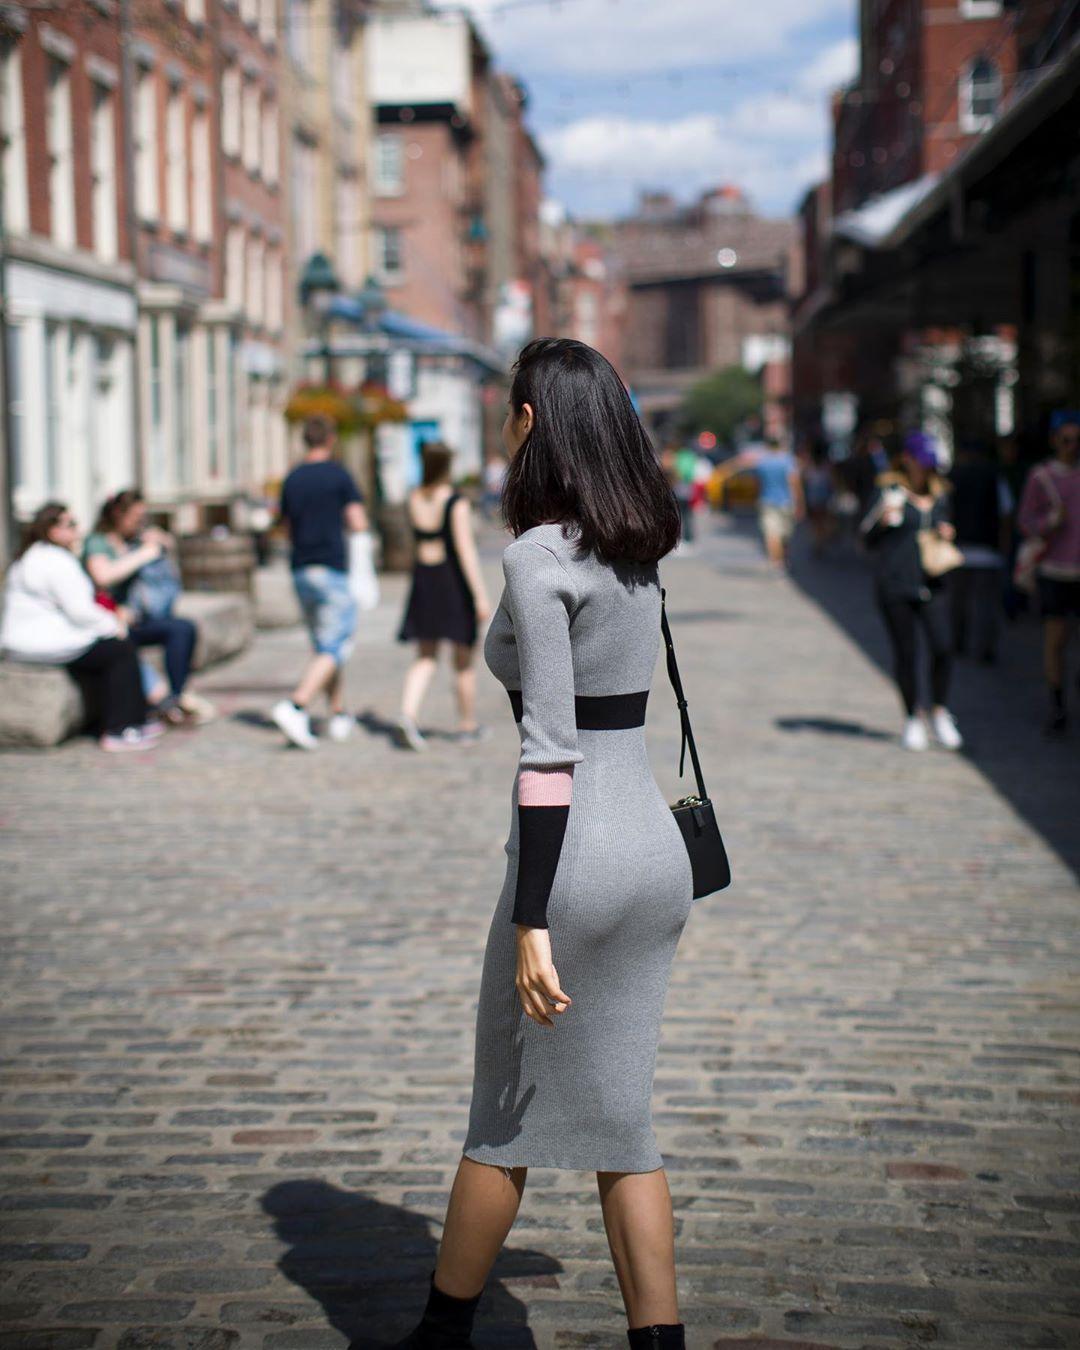 特别喜欢这个小姐姐的身材,真正的S型曲线,还这么瘦~~